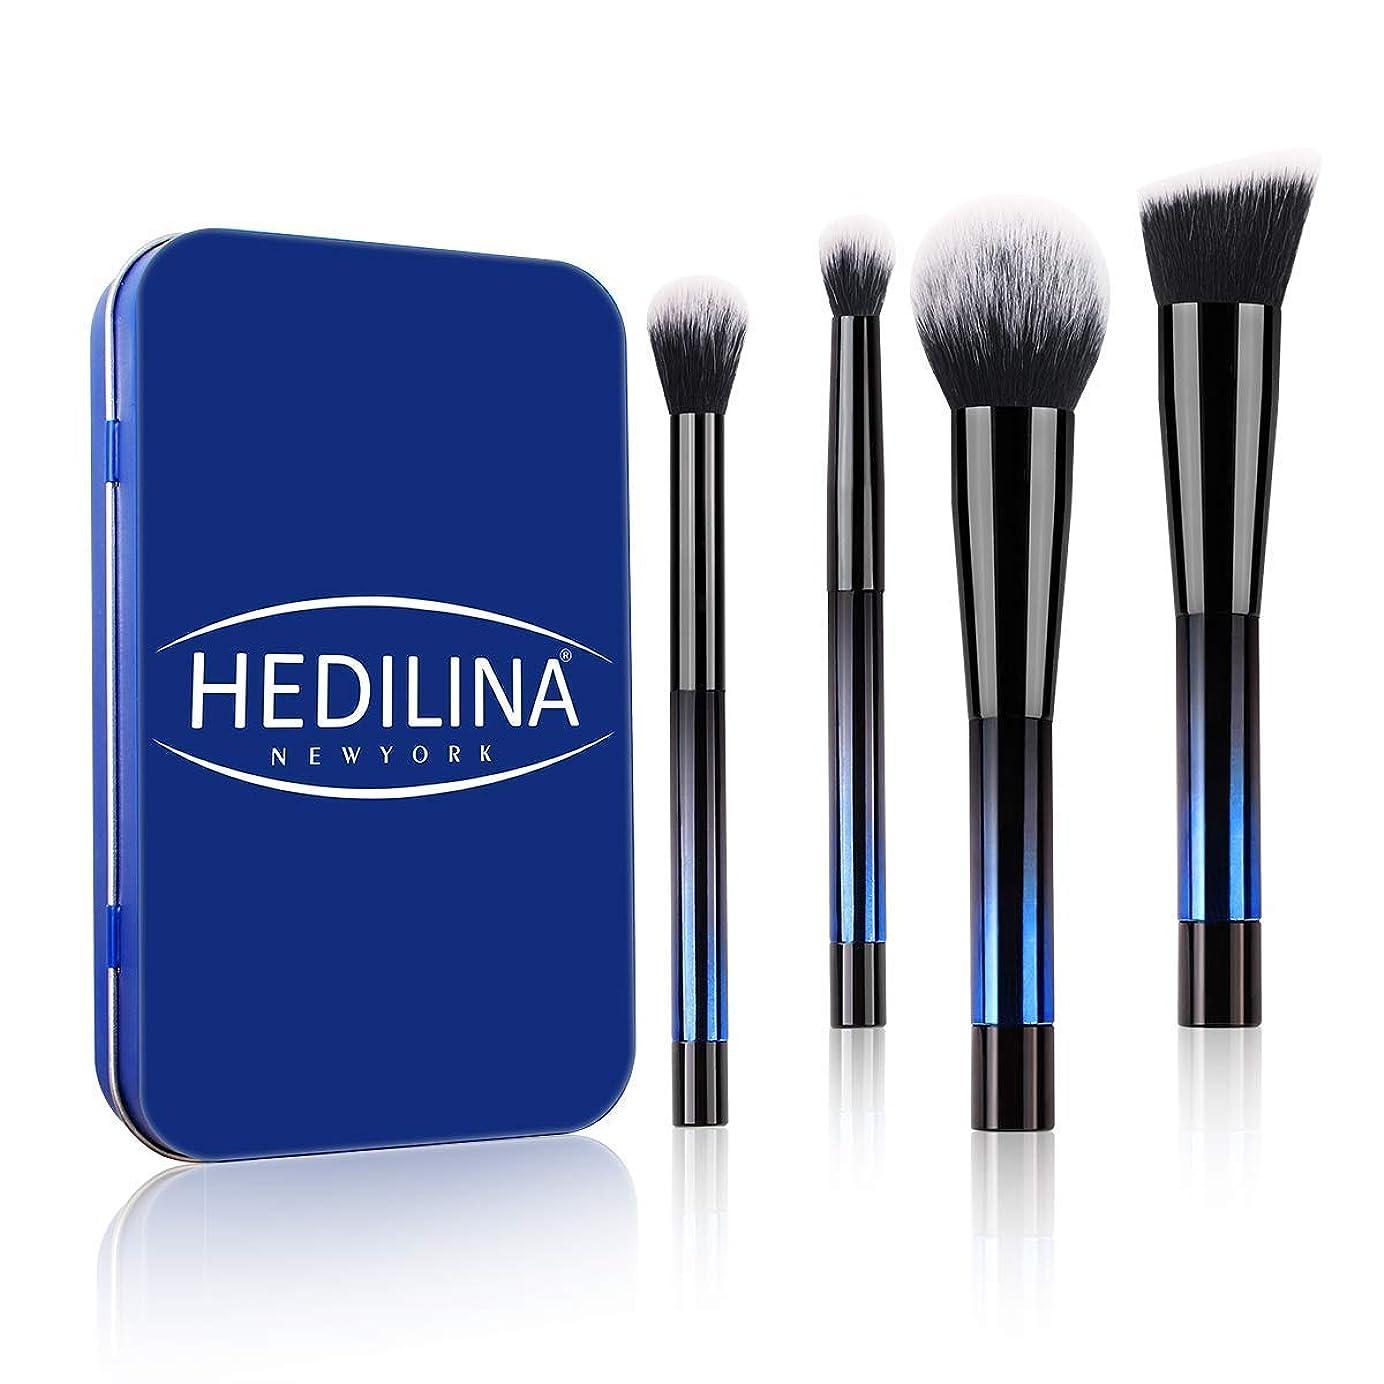 コミット面気がついてHEDILINA メイクアップブラシ 4本セット アイブラシ 高級繊維毛 ケース付き 旅行/出張用 ポータブル